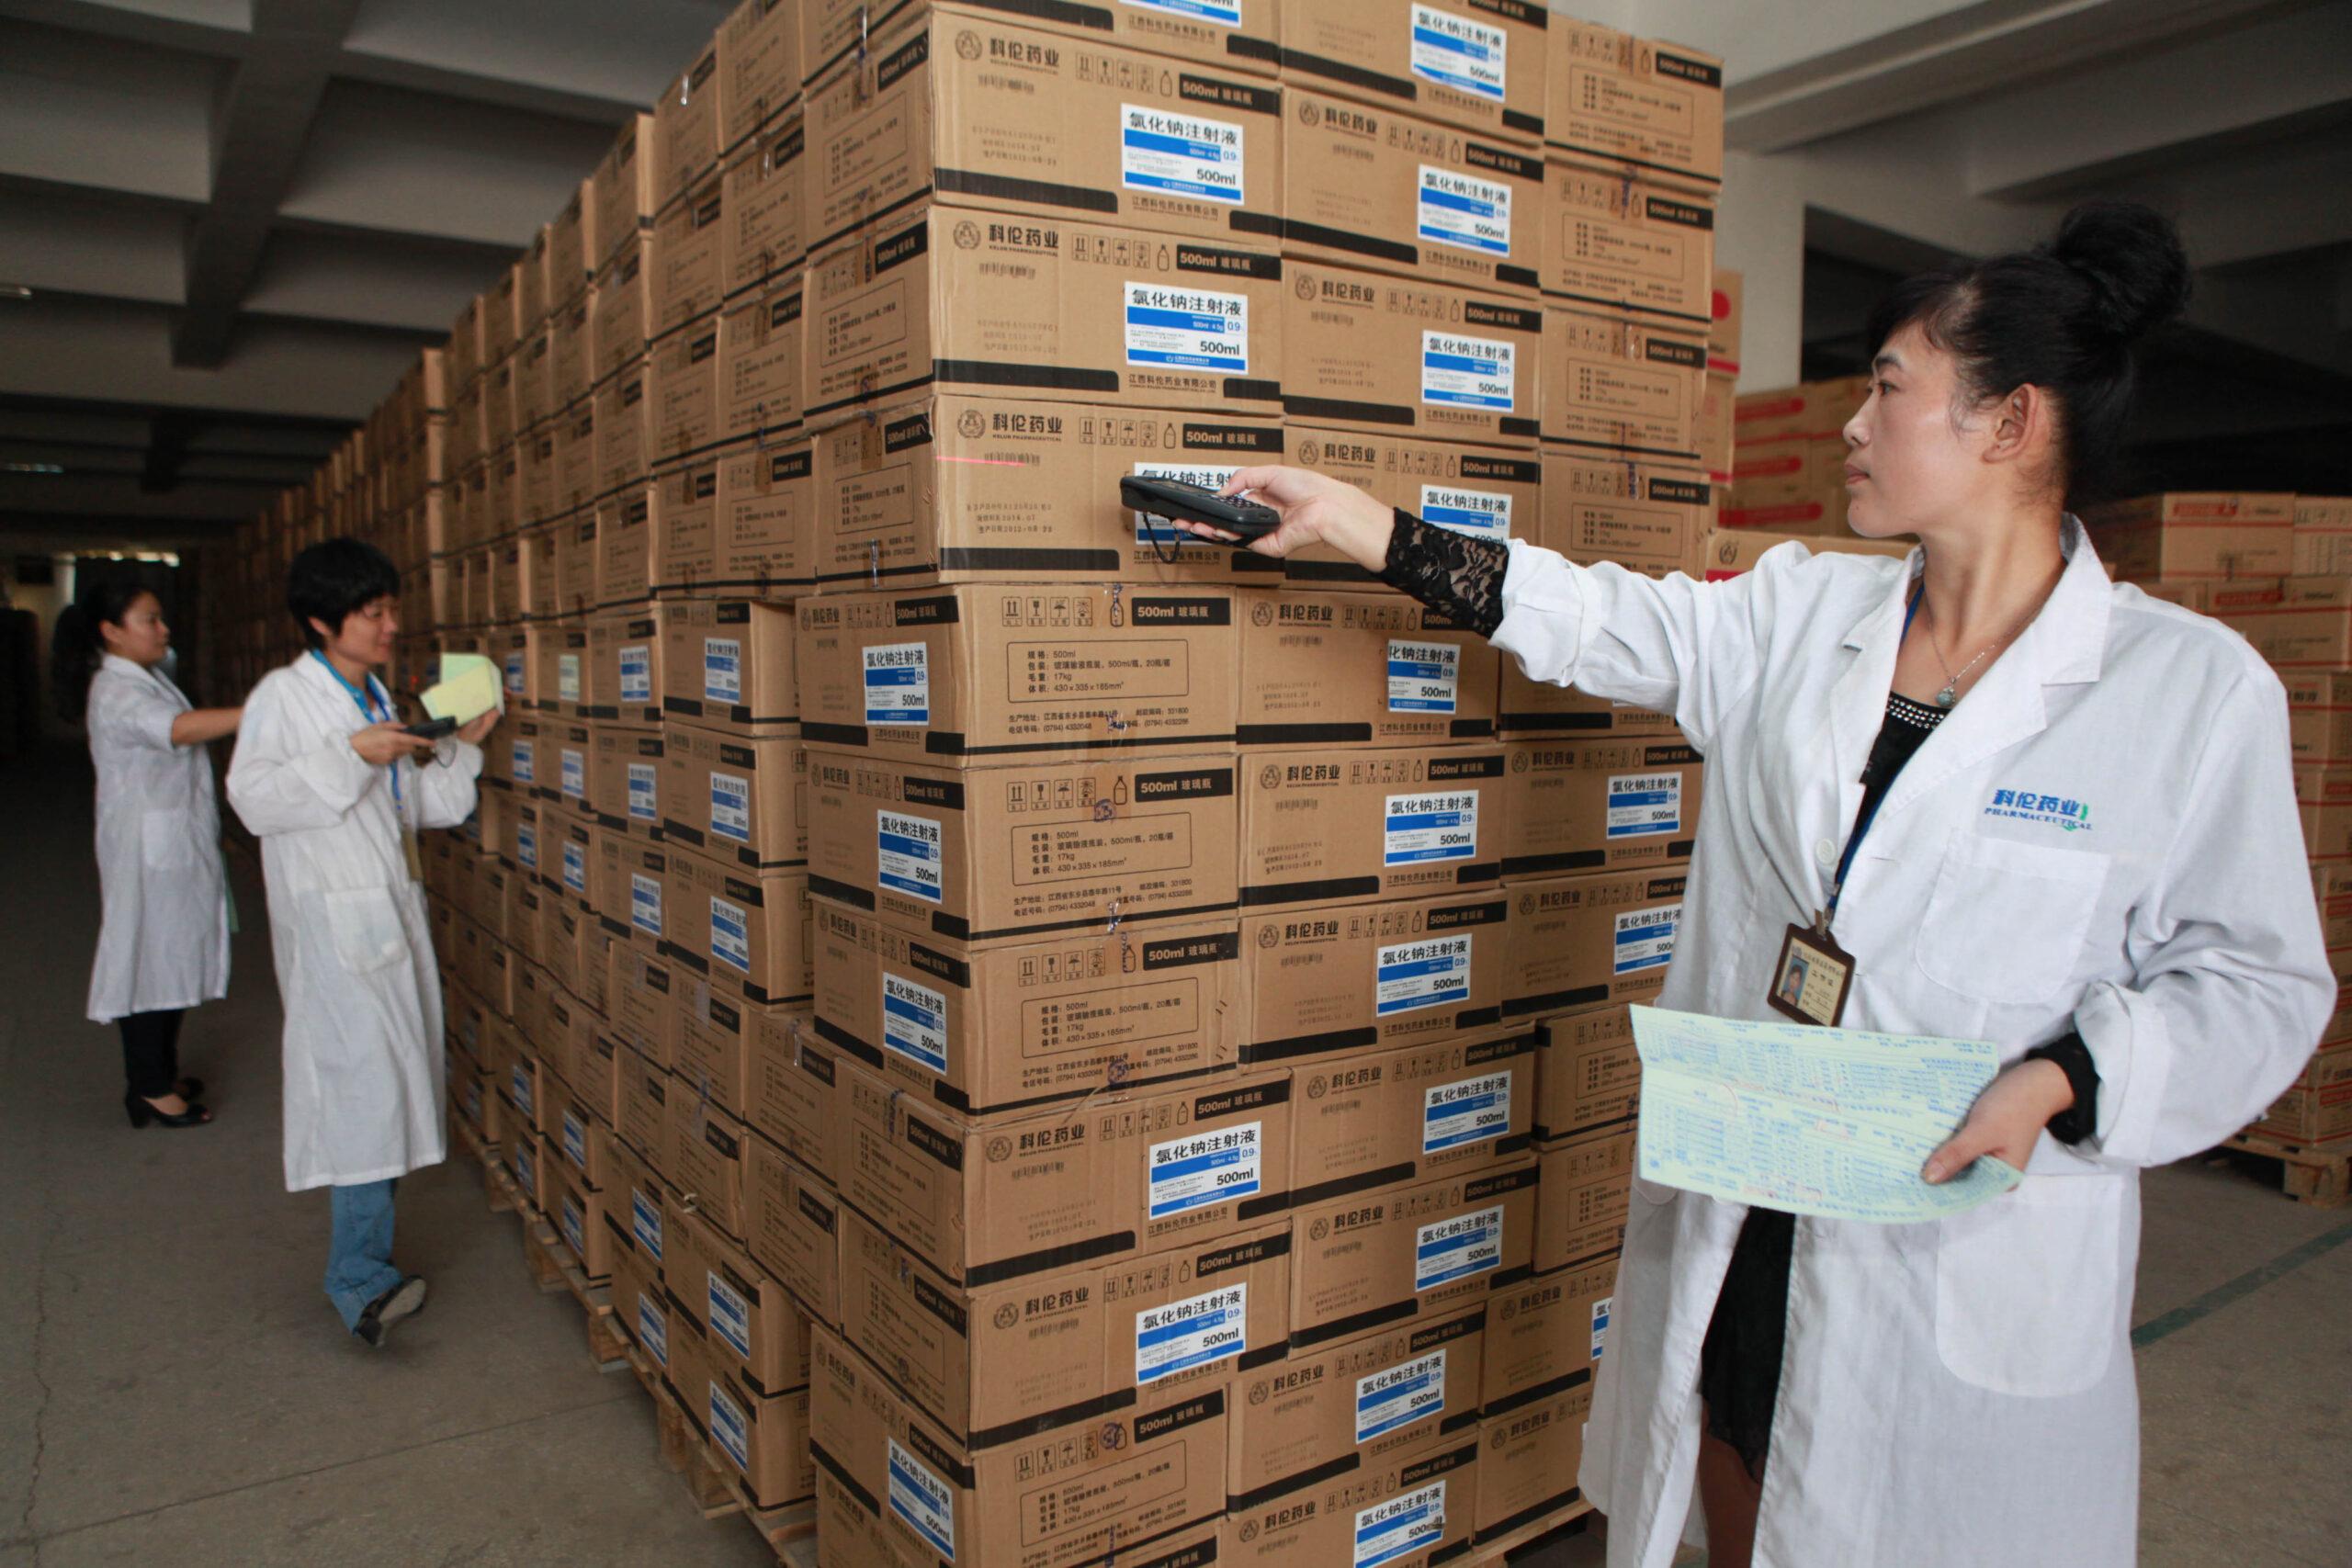 阅读有关文章的更多信息 The New Regulation from China to EXPORT Medical Products